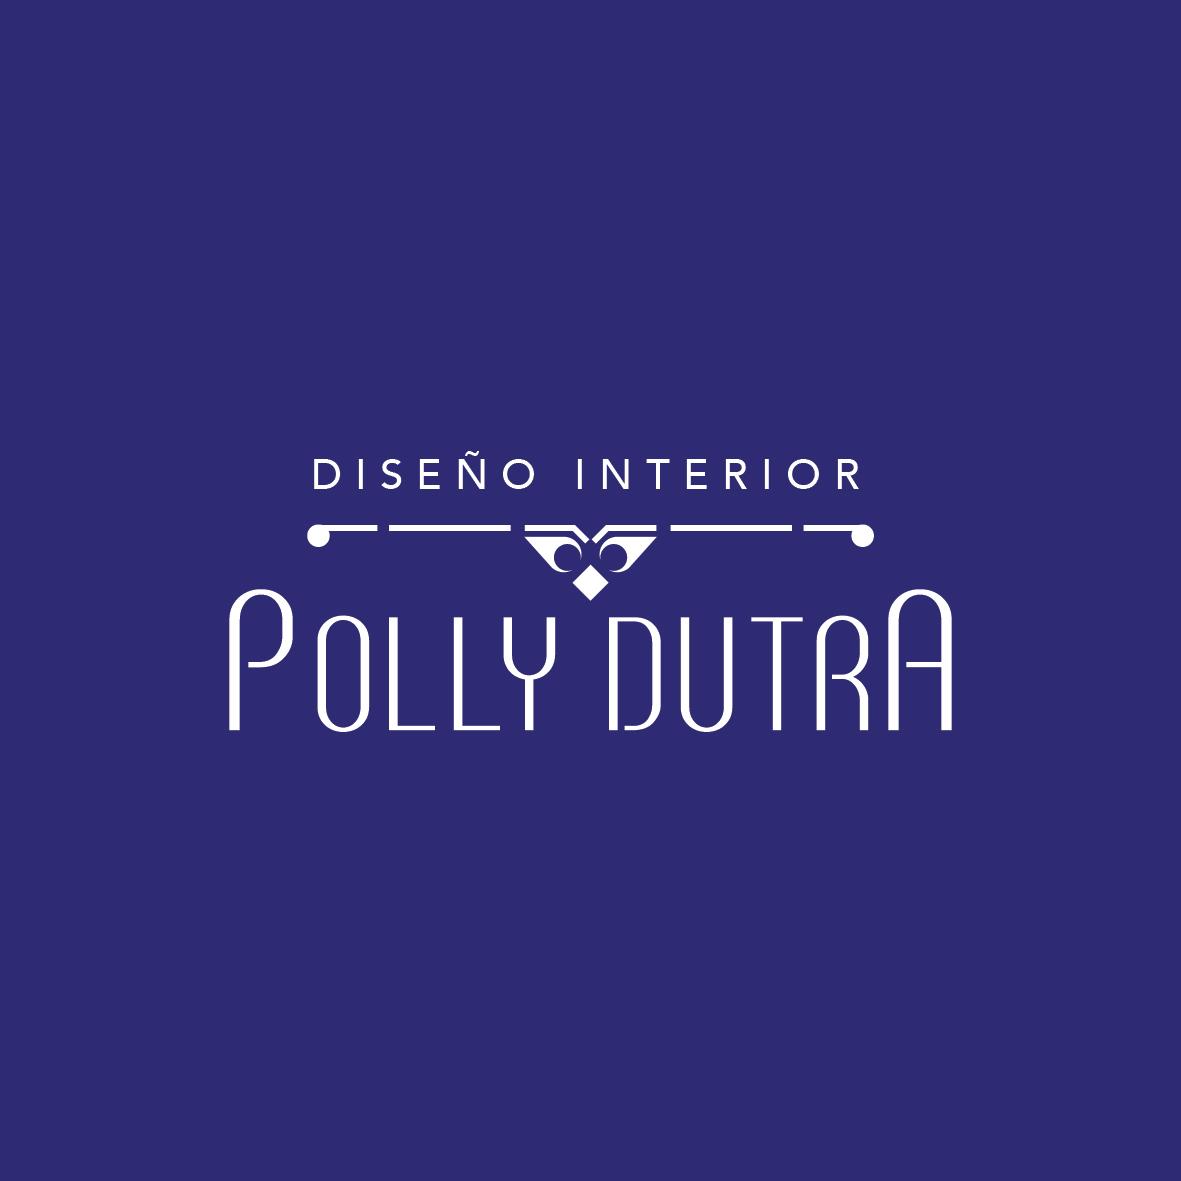 Polly Design